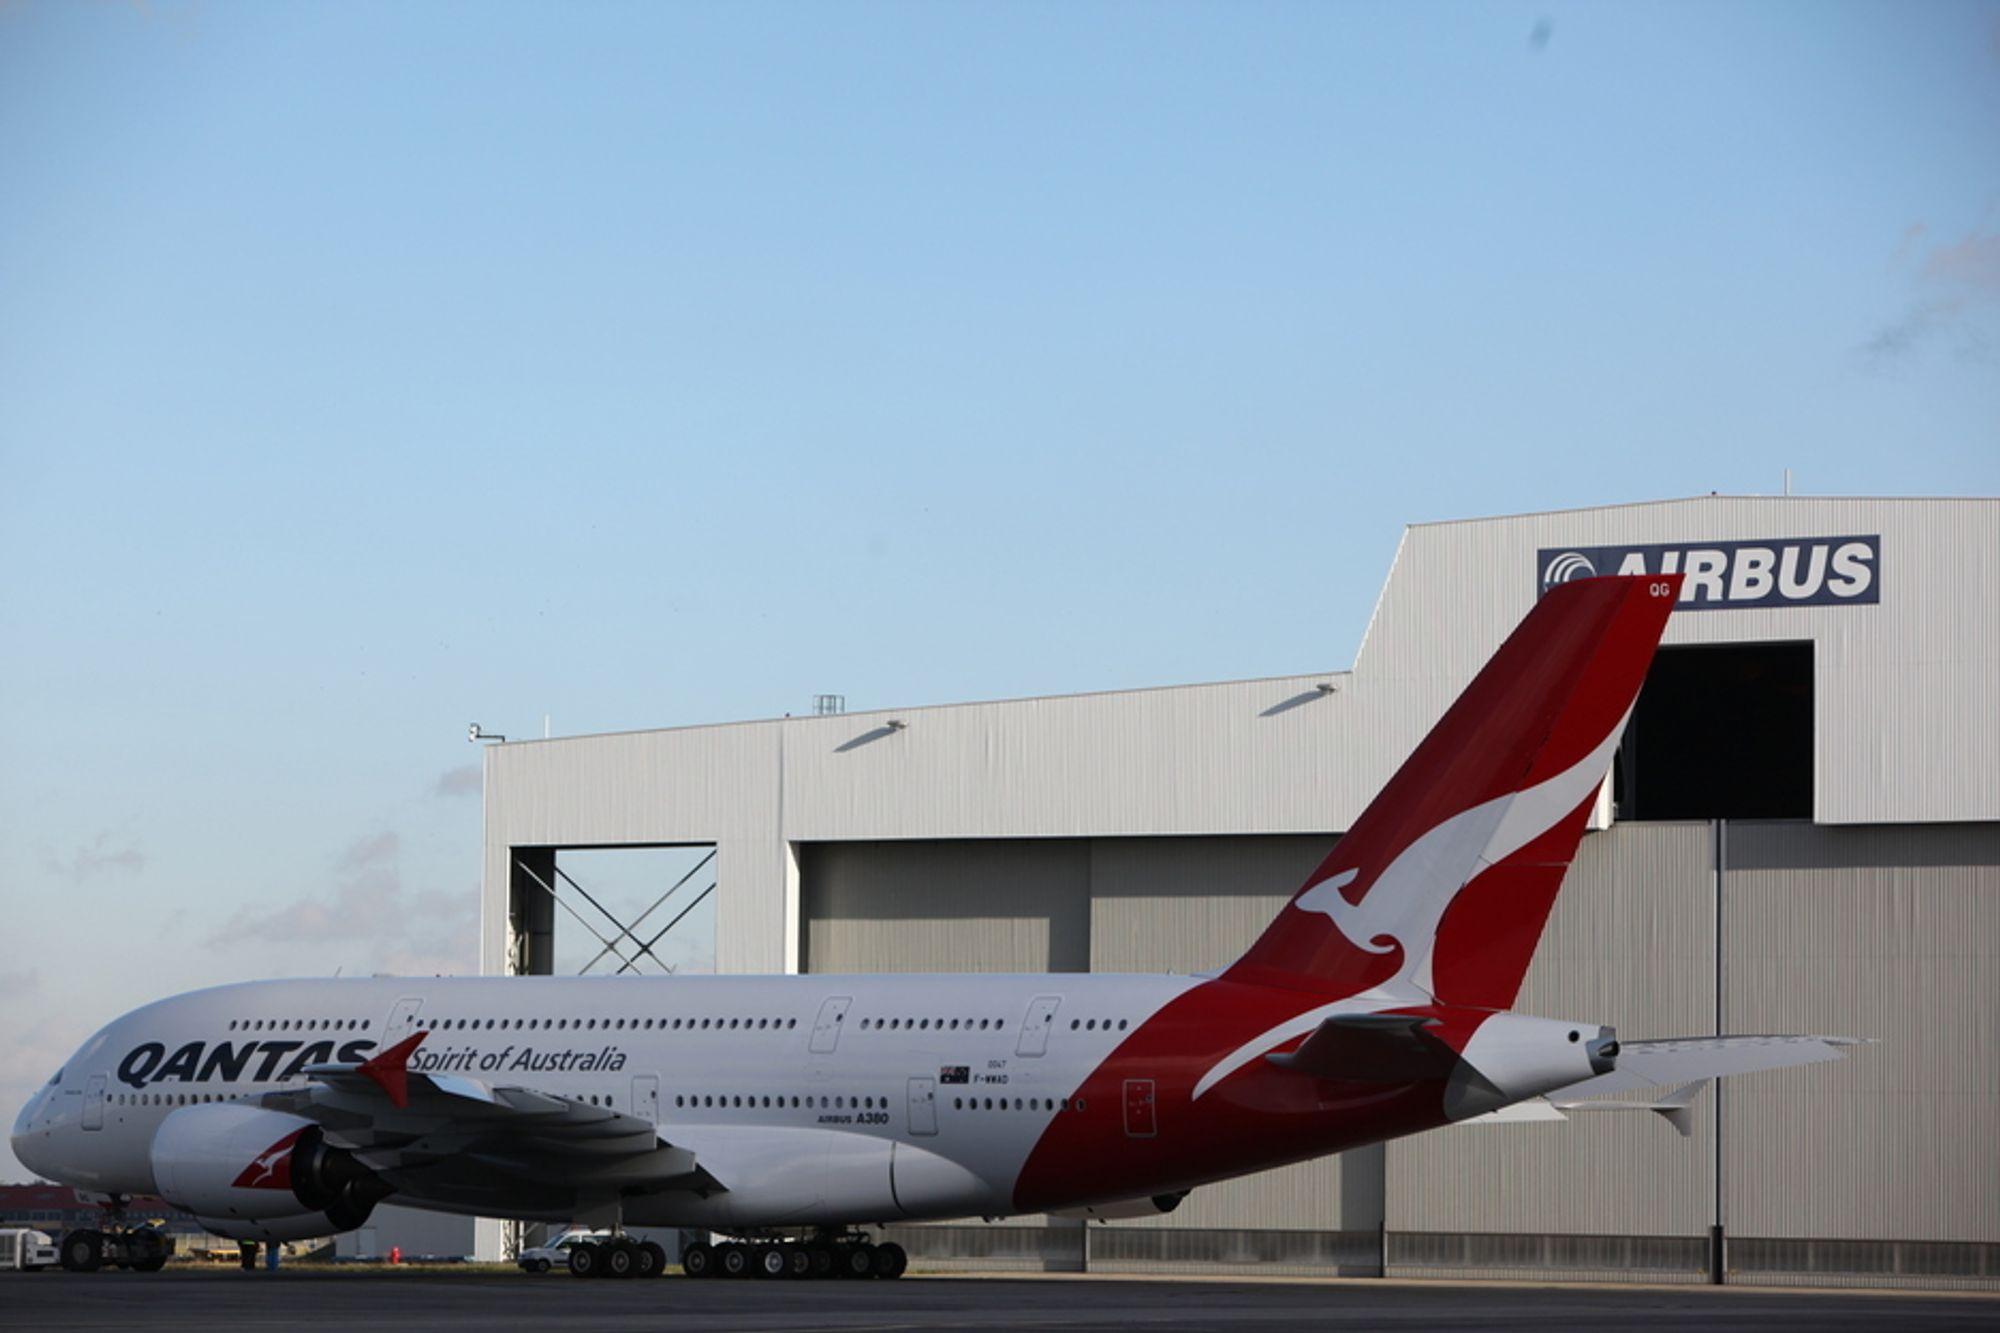 Dette flyet til Qantas var ett av 18 A380-er som ble ferdigstilt på Airbus-fabrikken i Toulouse i fjor. Men det er et stykke opp til makskapasiteten på 48 fly i året.